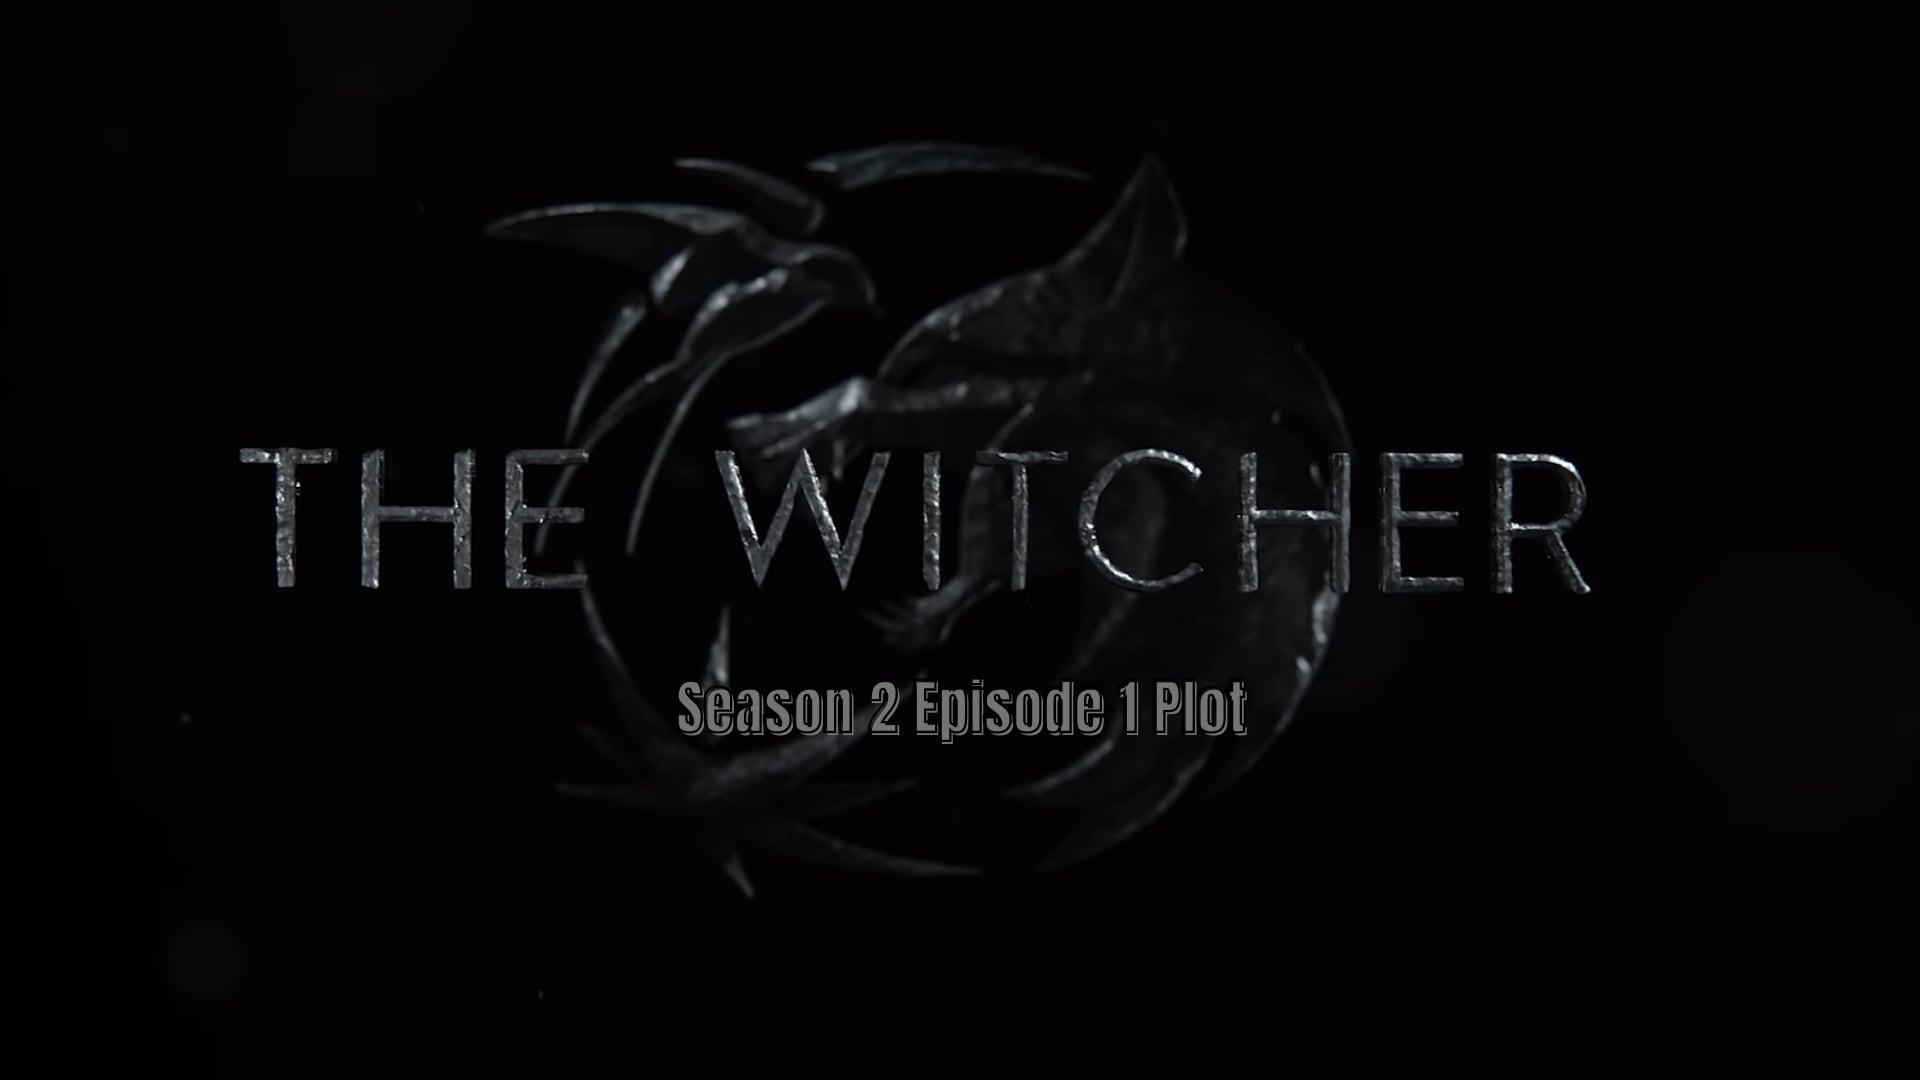 The Witcher Season 2 Episode 1 Plot